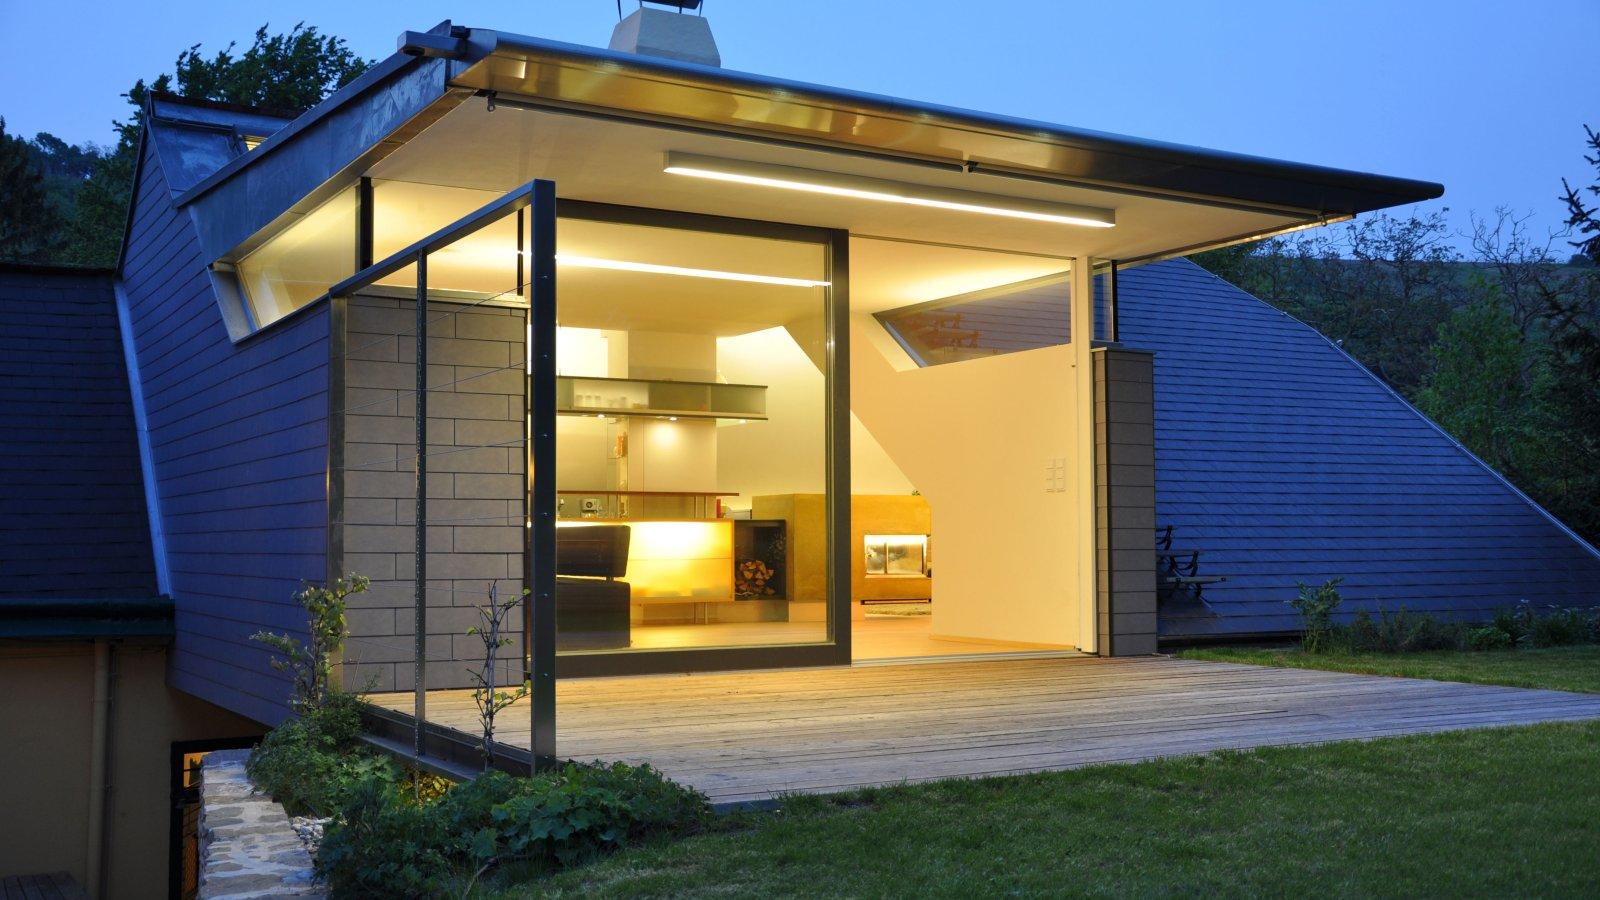 led au enbeleuchtung modernes haus. Black Bedroom Furniture Sets. Home Design Ideas